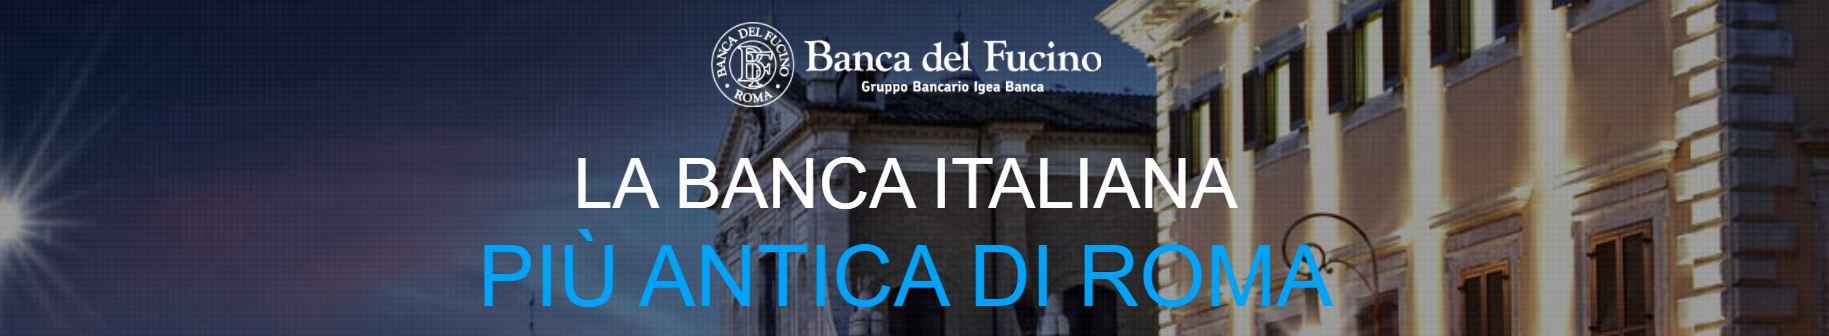 Banca del Fucino bannerone (ex Rustichella)